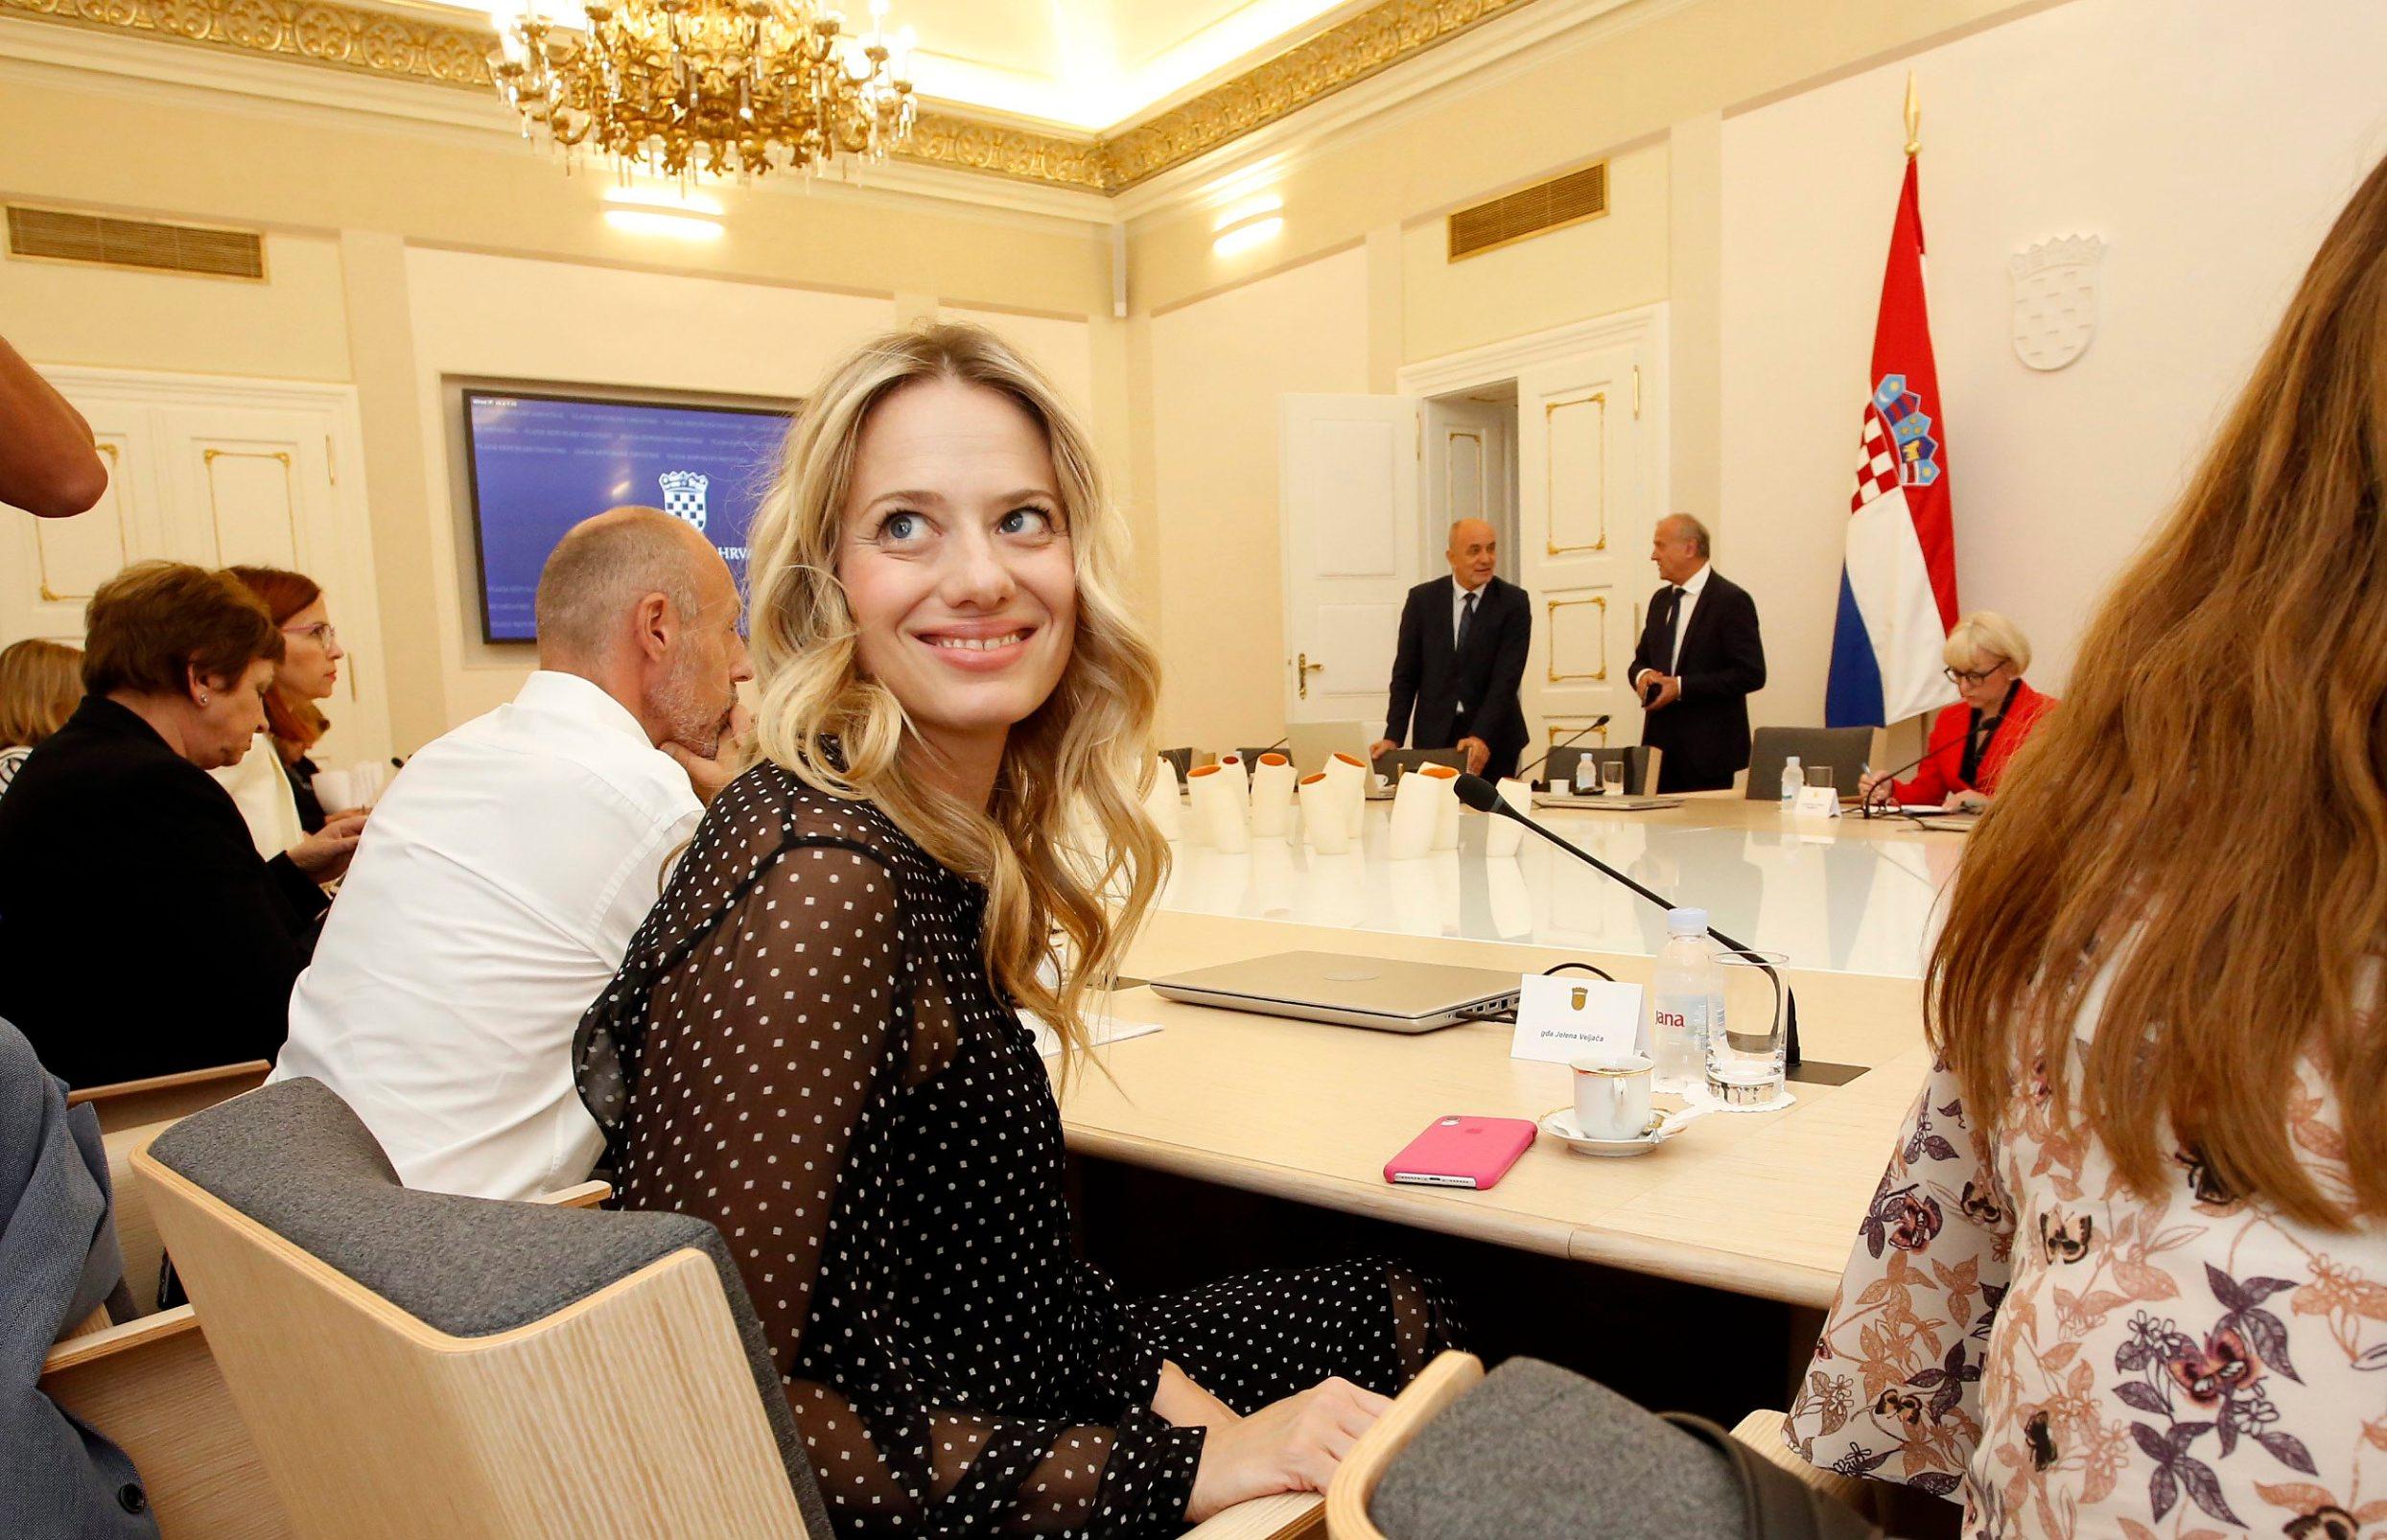 Jelena Veljača na sastanku s premijerom Andrejem Plenkovićem u Banskim dvorima